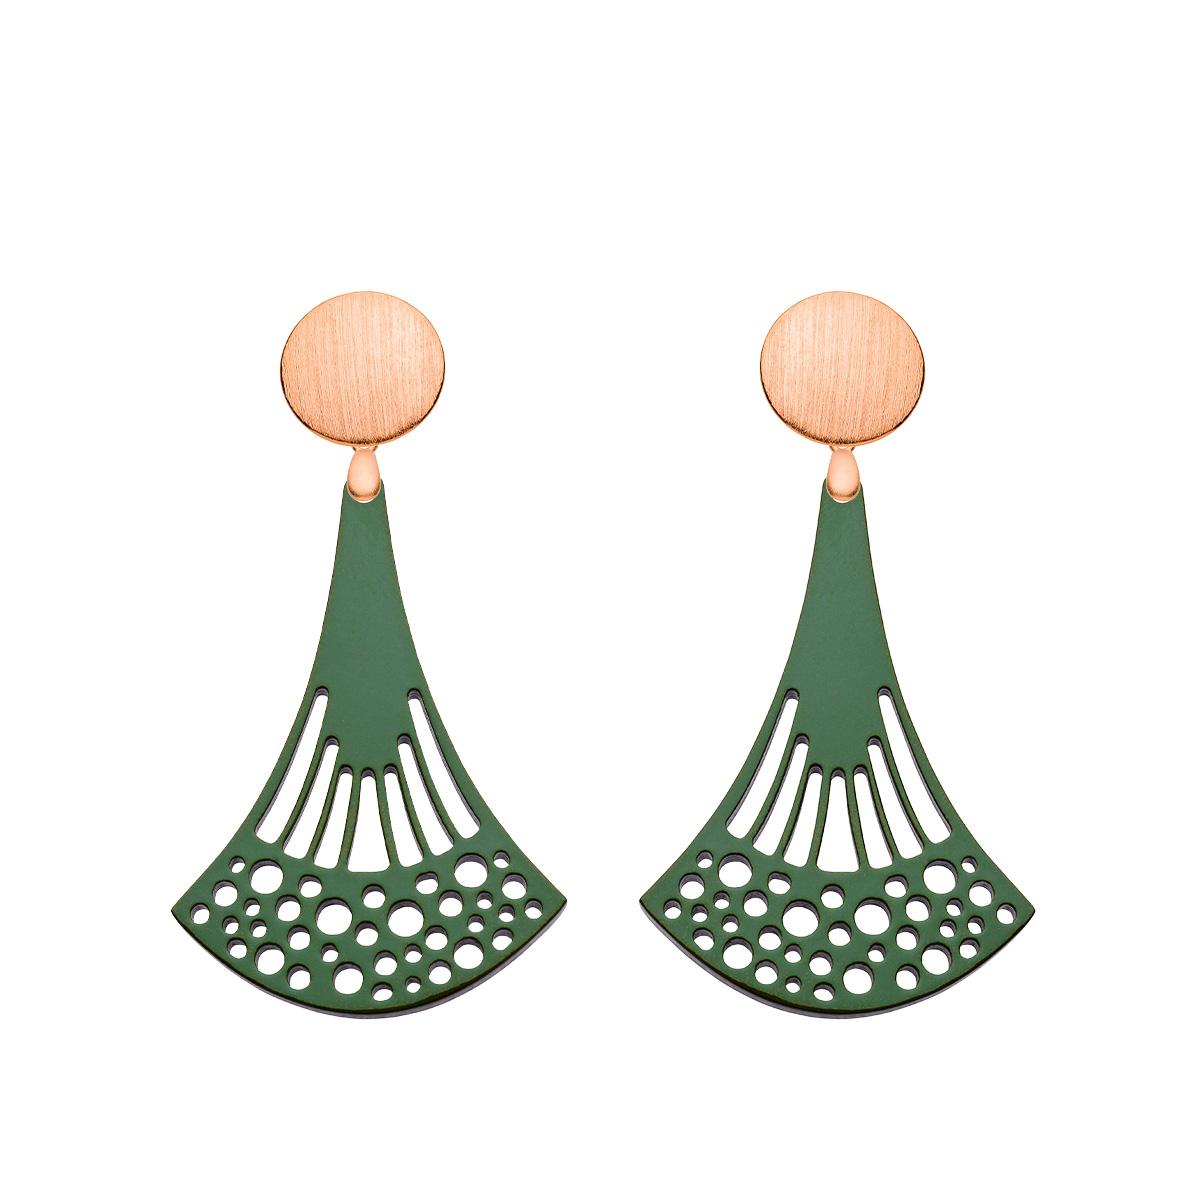 Ohrringe lang in Grün mit Wechselsystem in Rosegold aus der Ponza Kollektion von Romy North